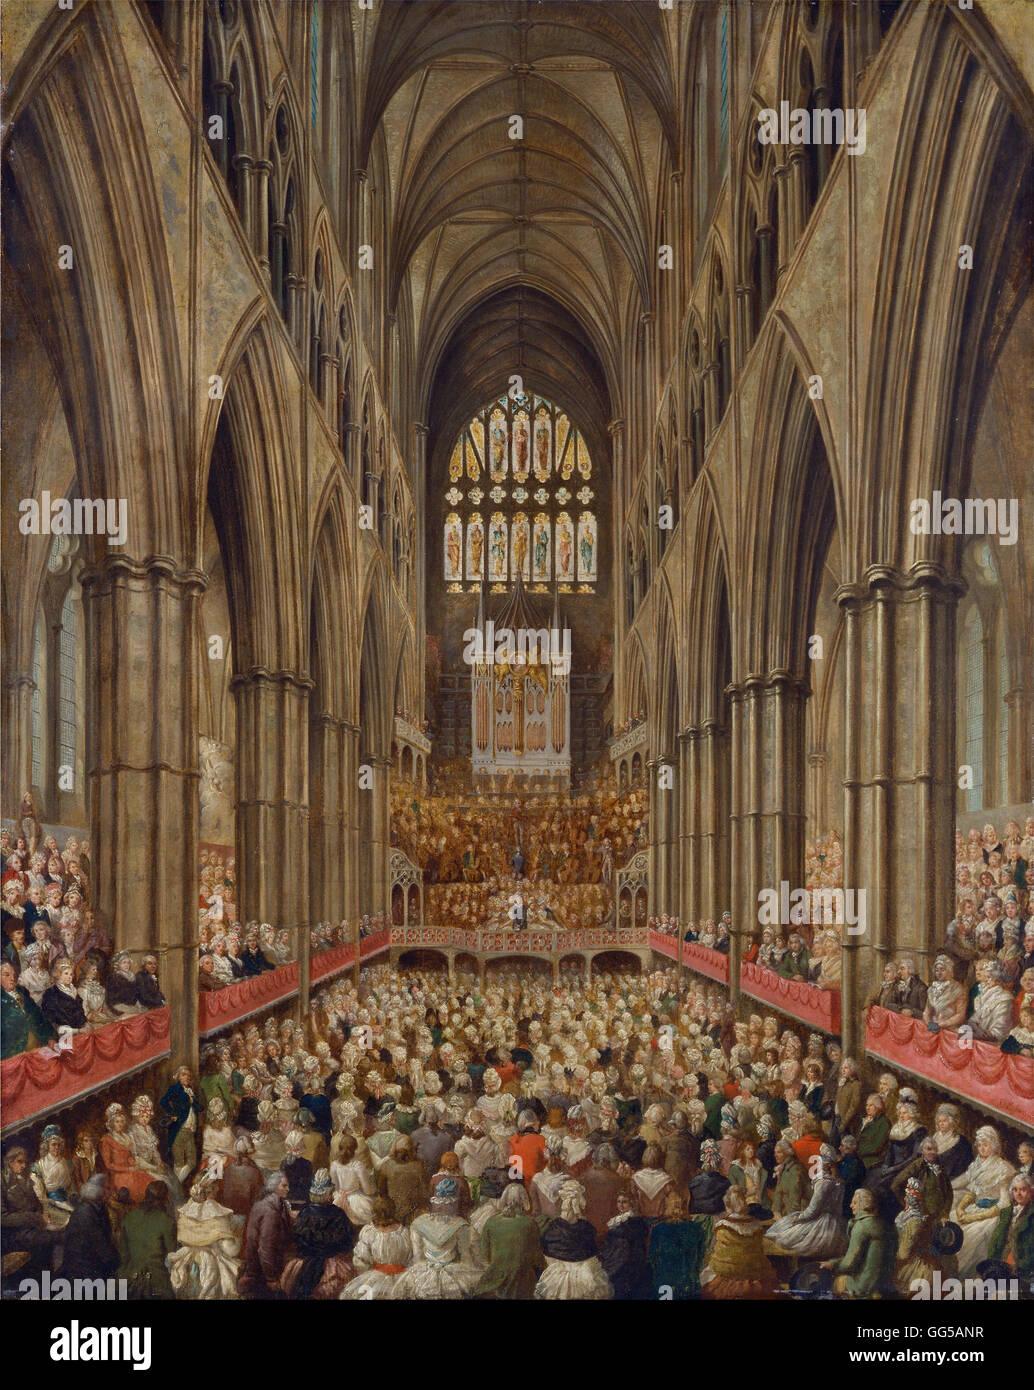 Edward Edwards - Innenansicht der Westminster Abbey auf das Gedenken an Georg Friedrich Händel, entnommen aus Stockbild